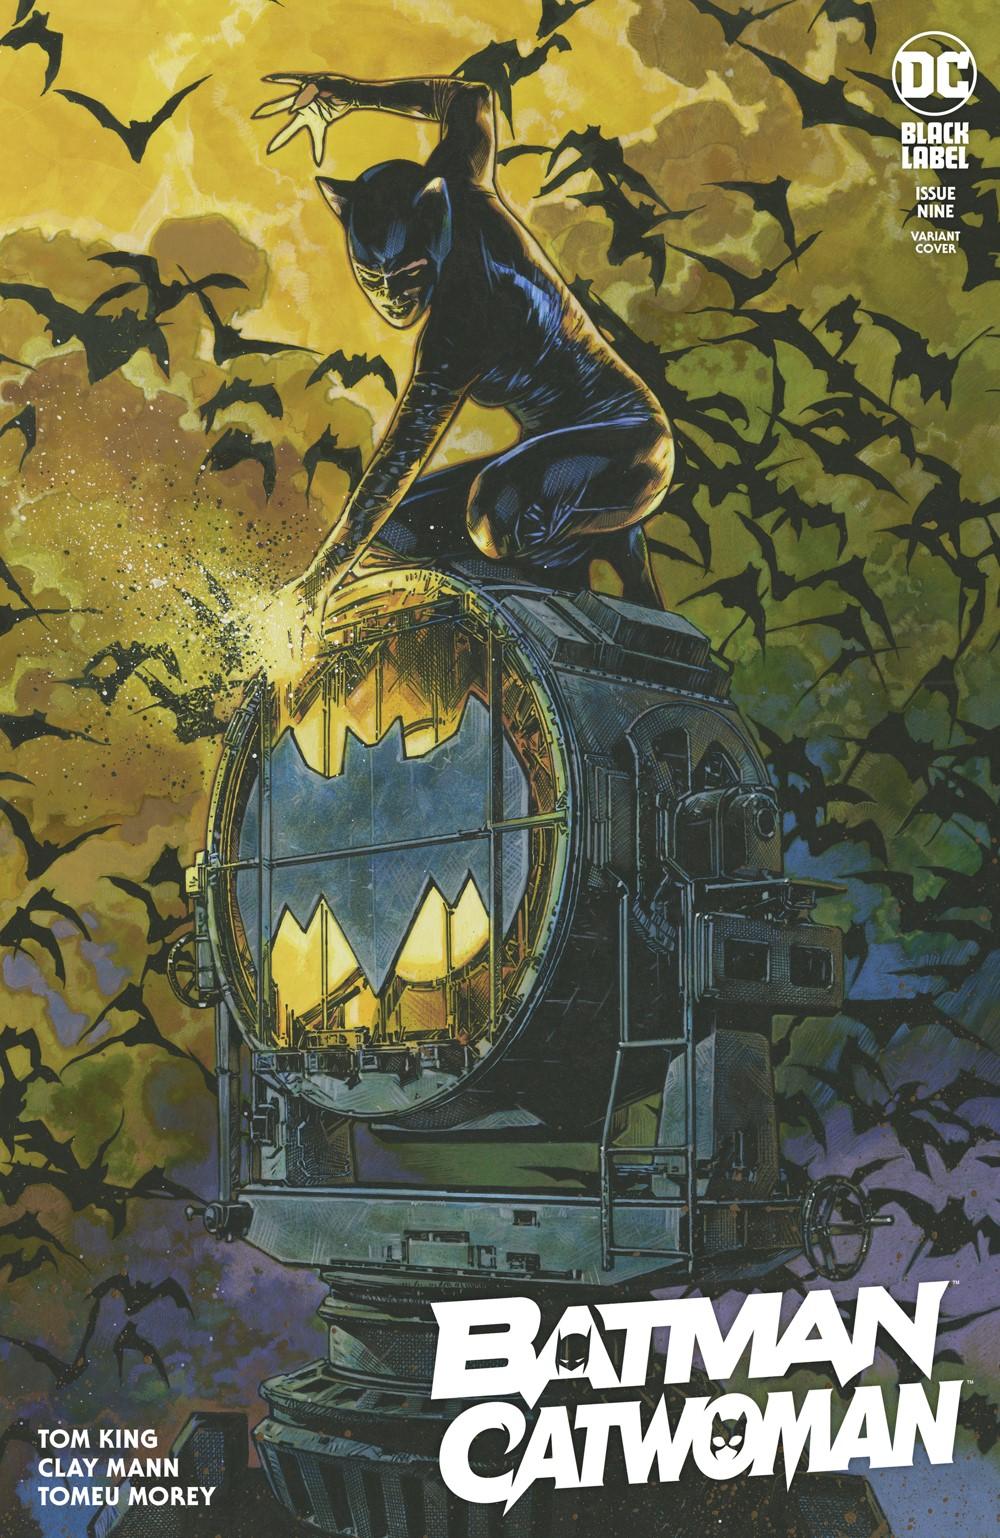 BM_CTW_Cv9_var_00931 DC Comics October 2021 Solicitations